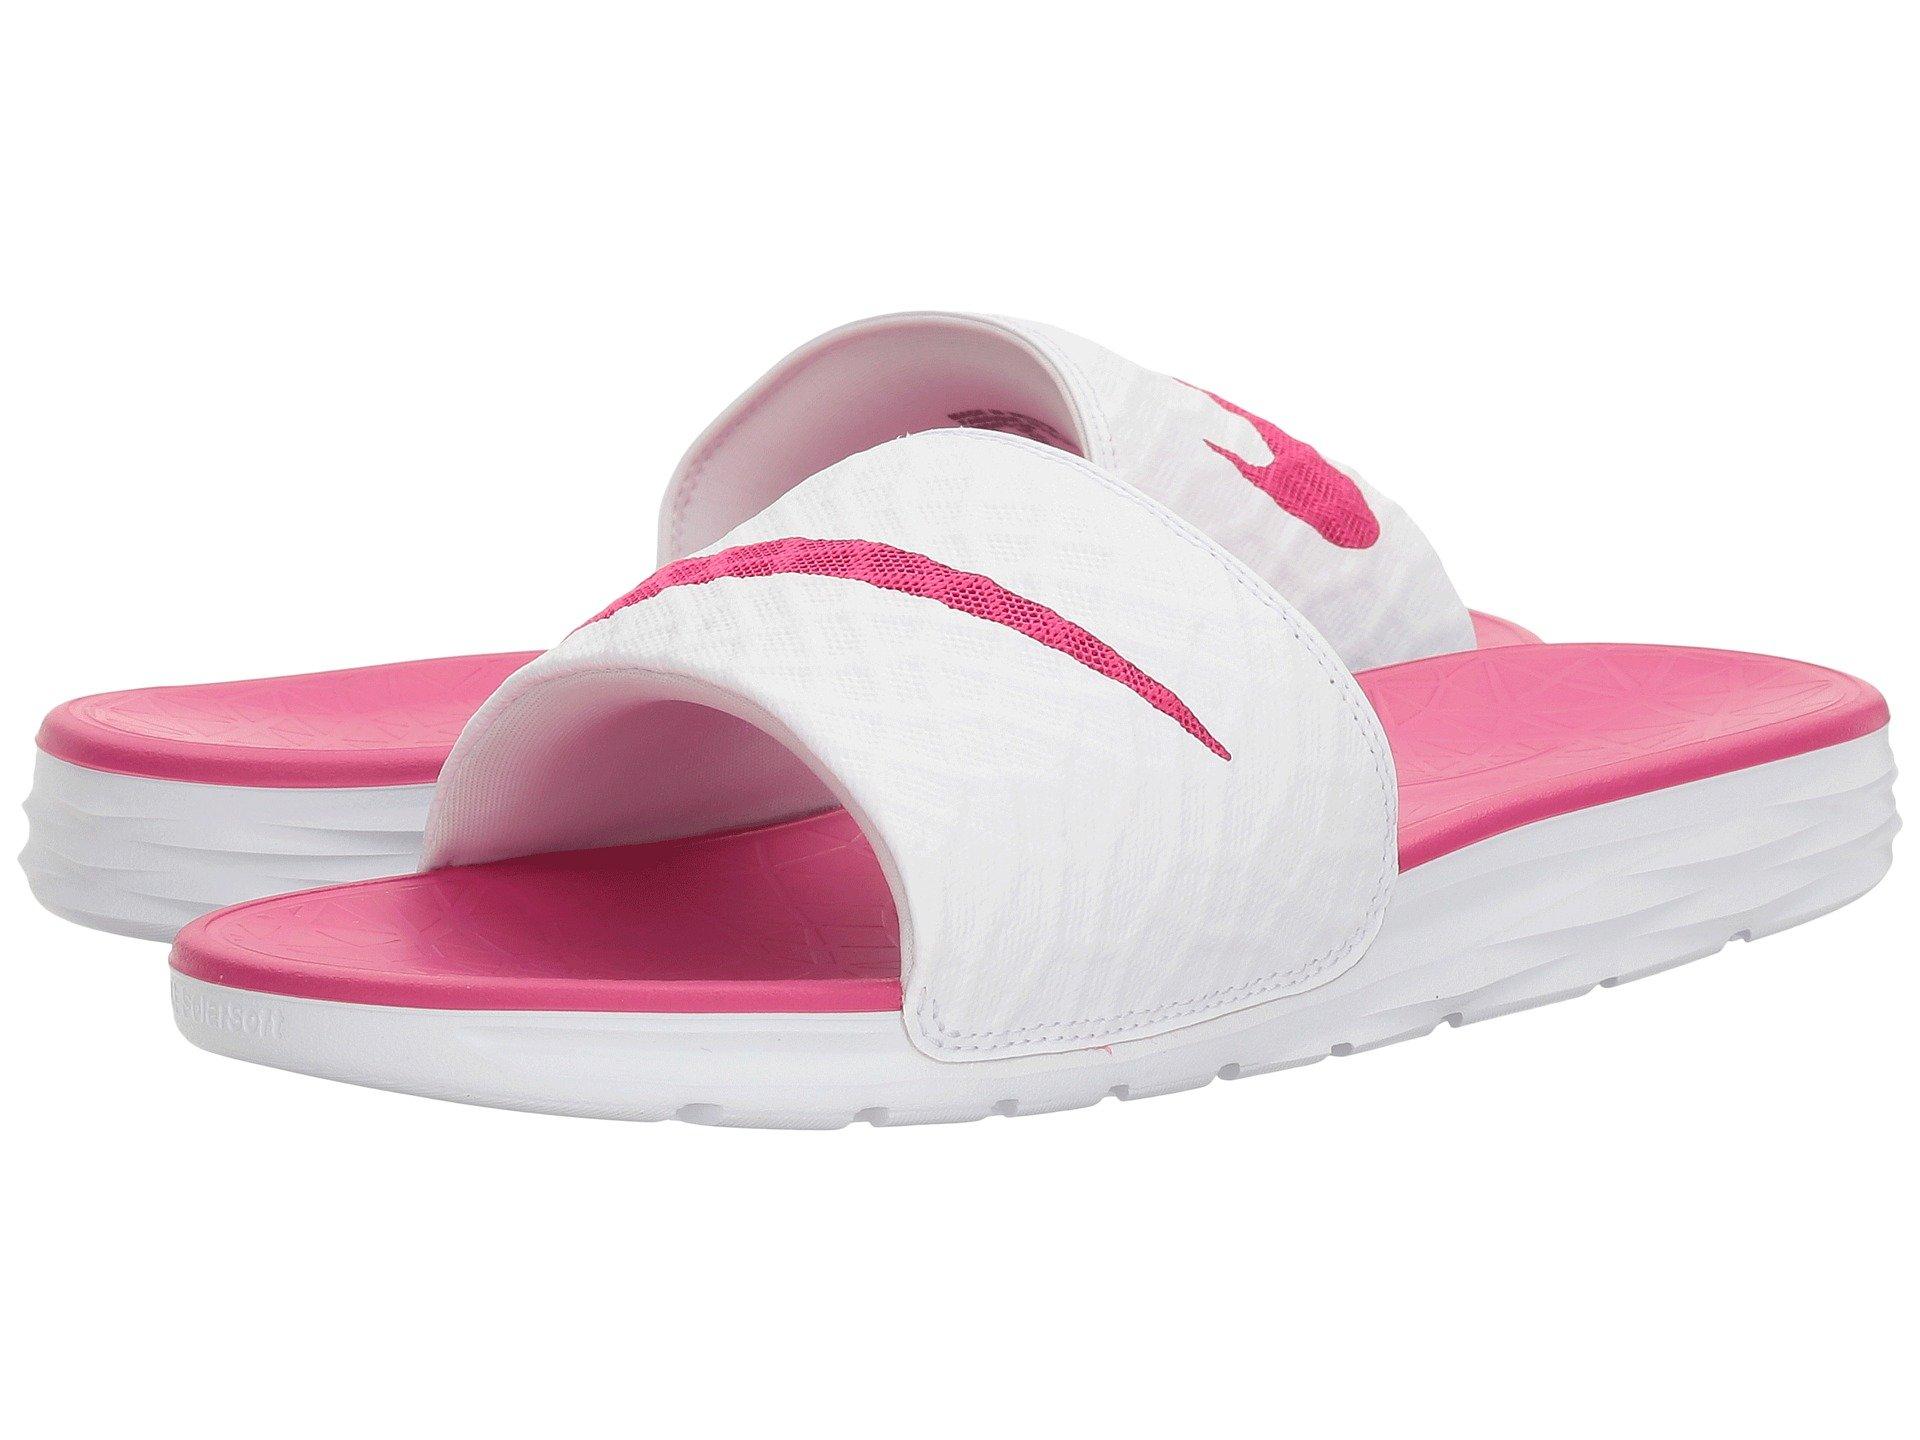 05614fd8f364a White Fireberry. 449. Nike. Benassi Solarsoft Slide 2